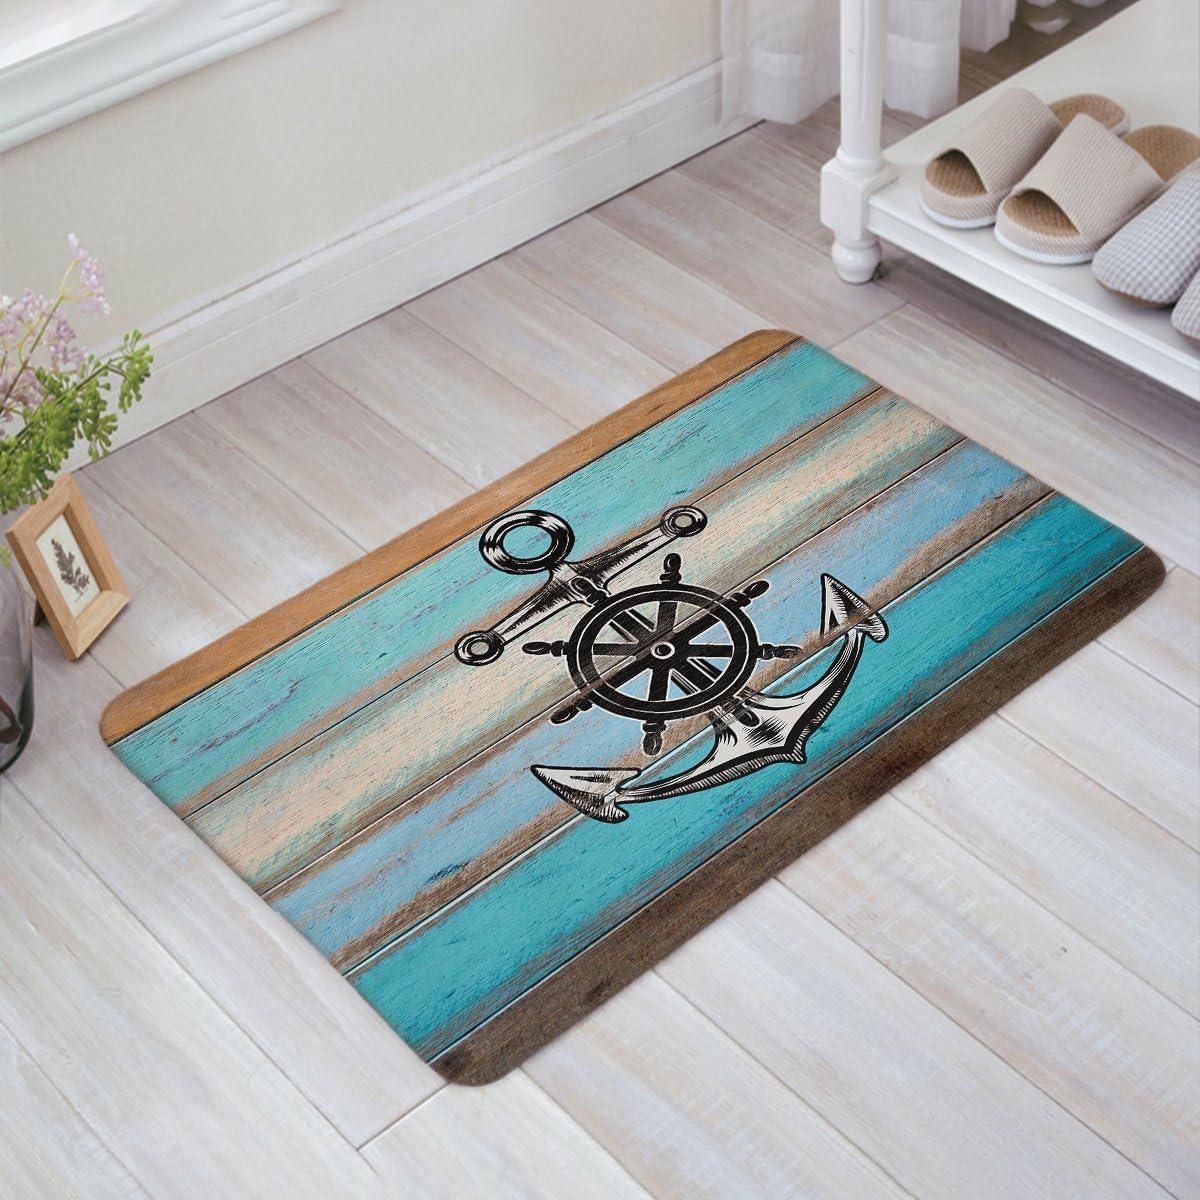 Vandarllin Anchor Doormat,Old Barn Wooden Door Art Floor Planks Mat Rugs Non-Slip Indoor Outdoor Front,23.6 x15.7